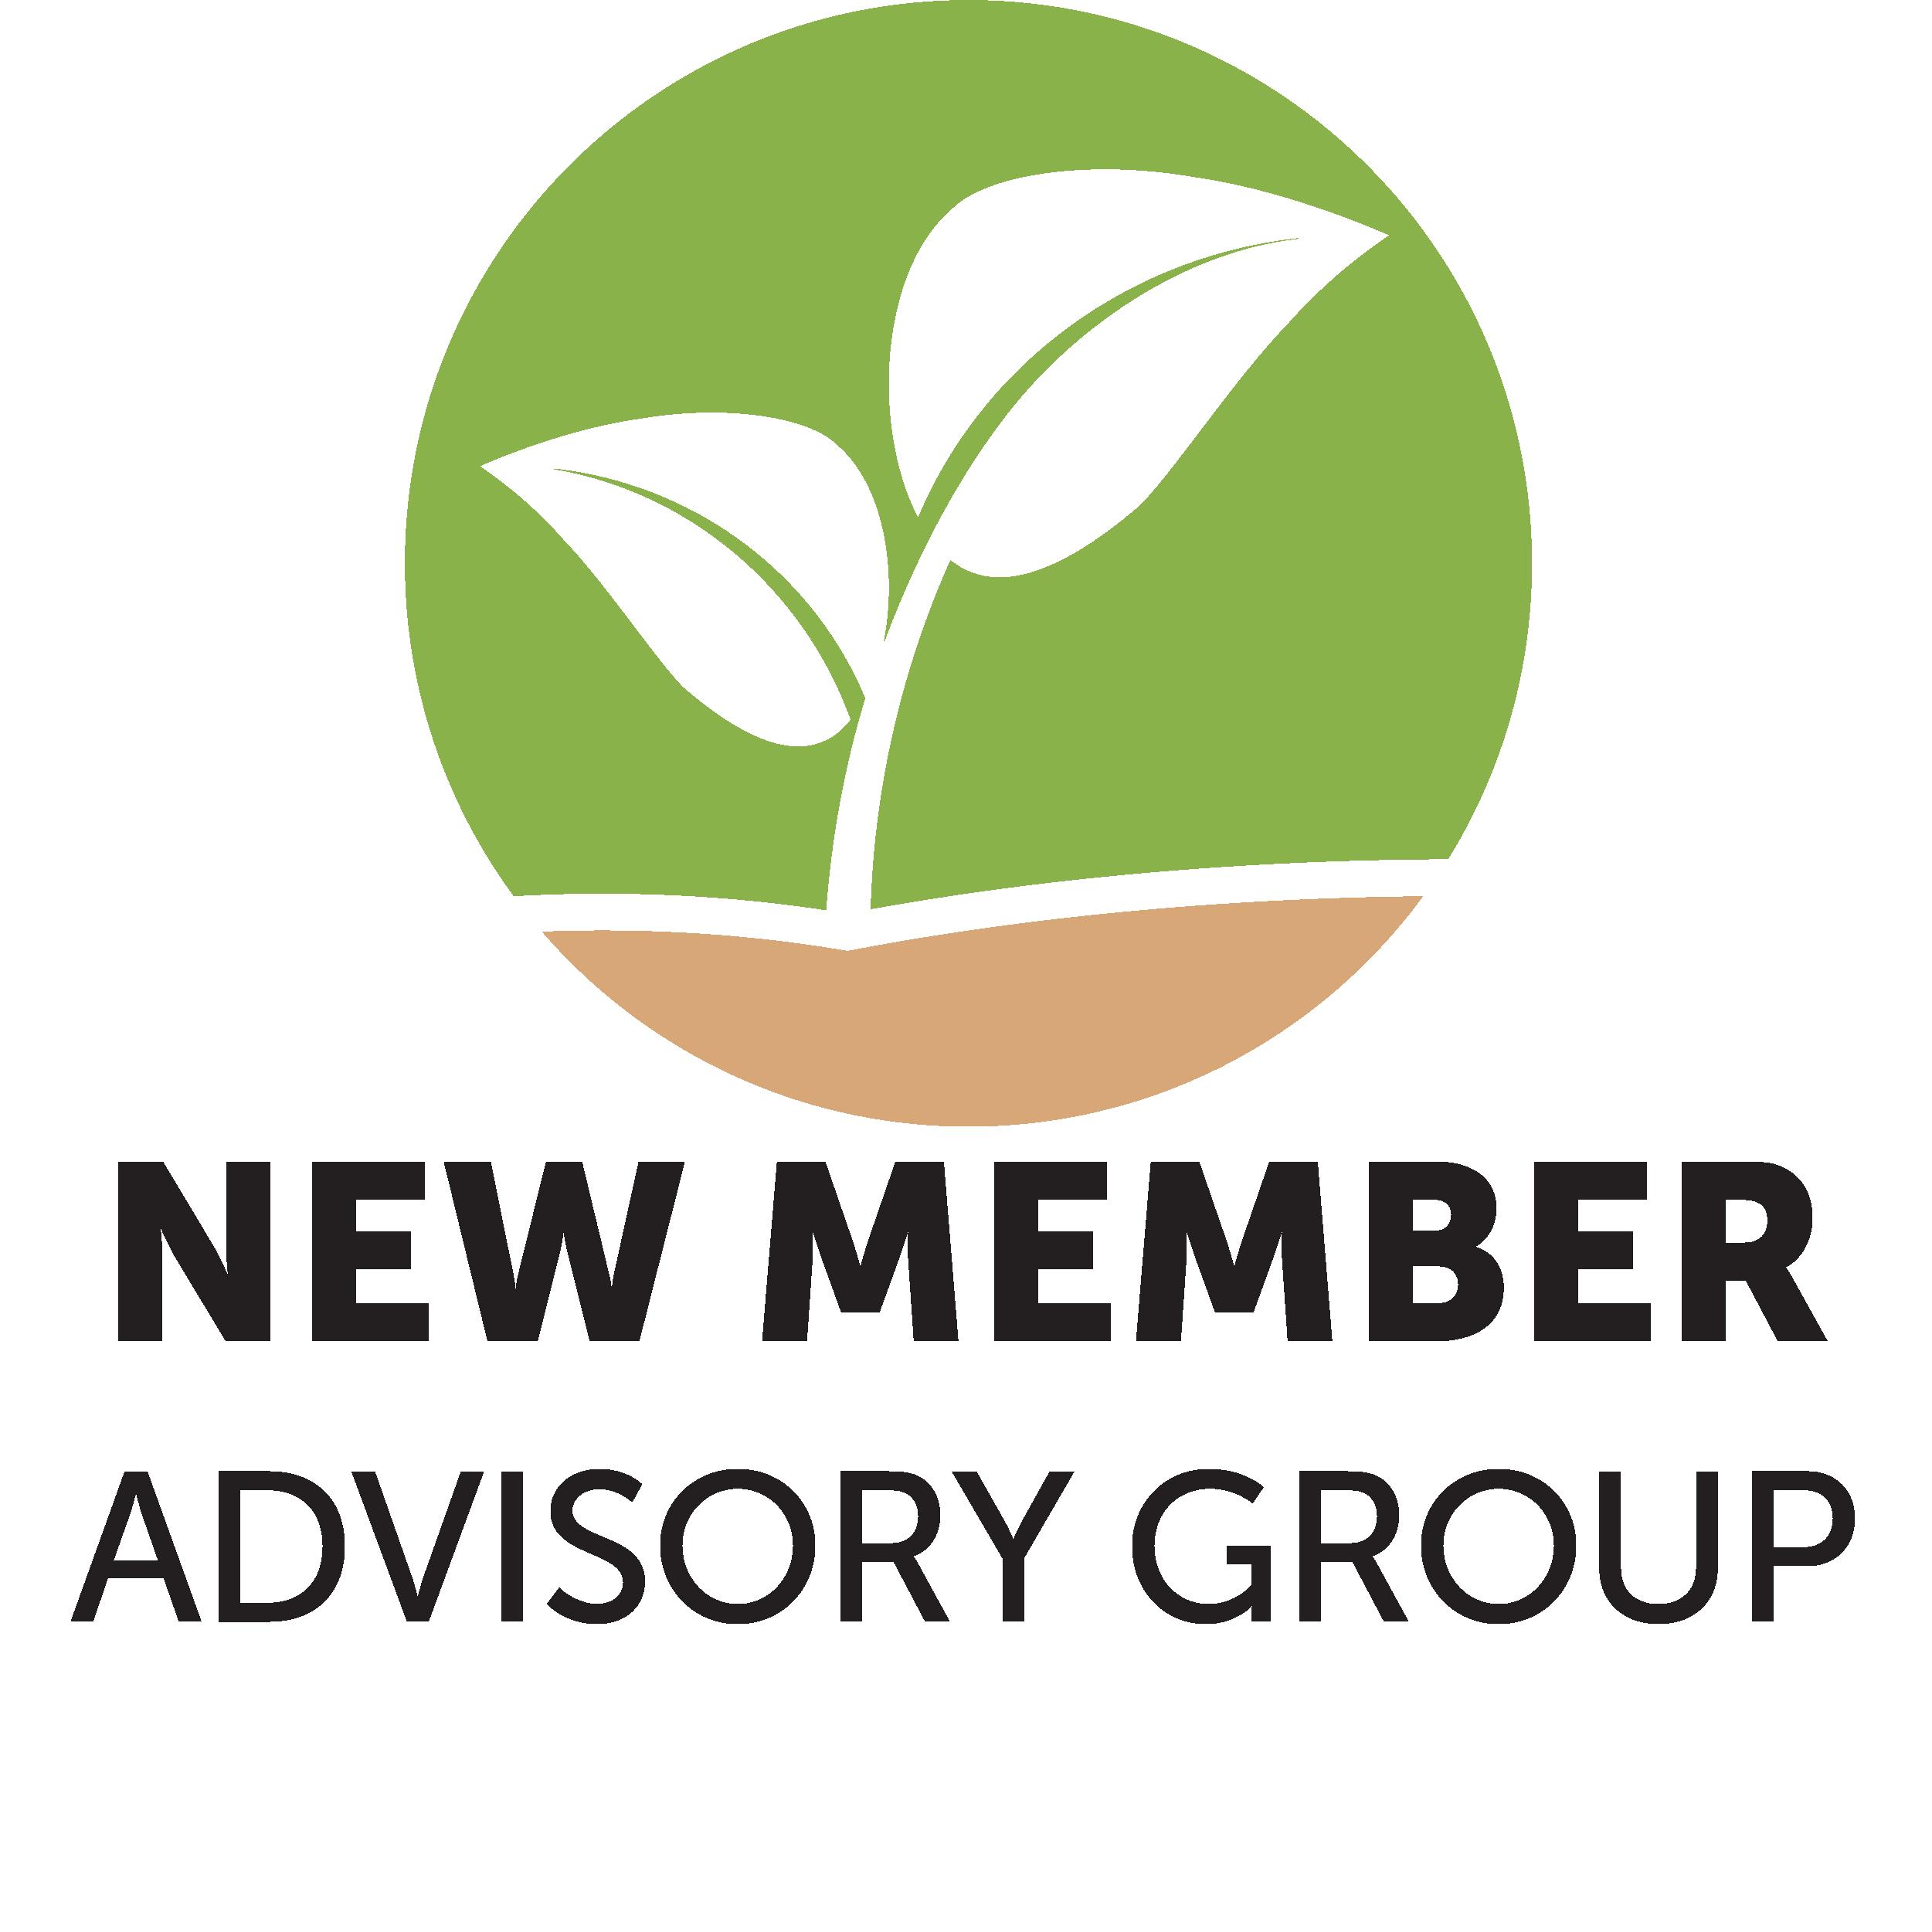 new member advisory group